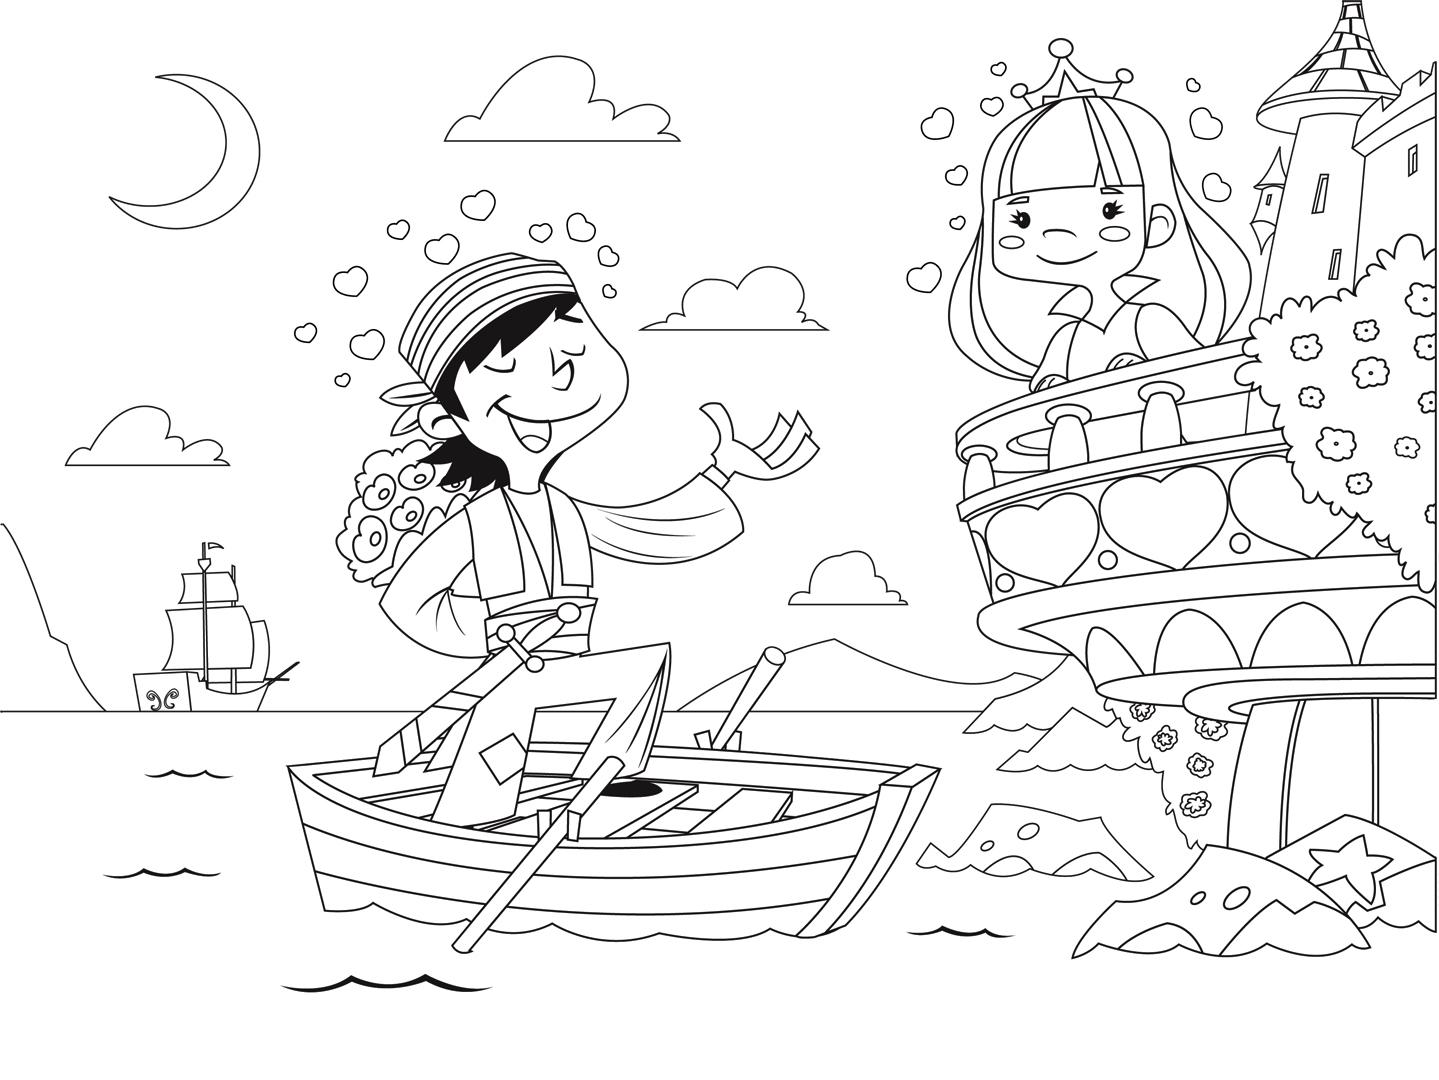 Раскраска Принцесса и пират распечатать или скачать бесплатно